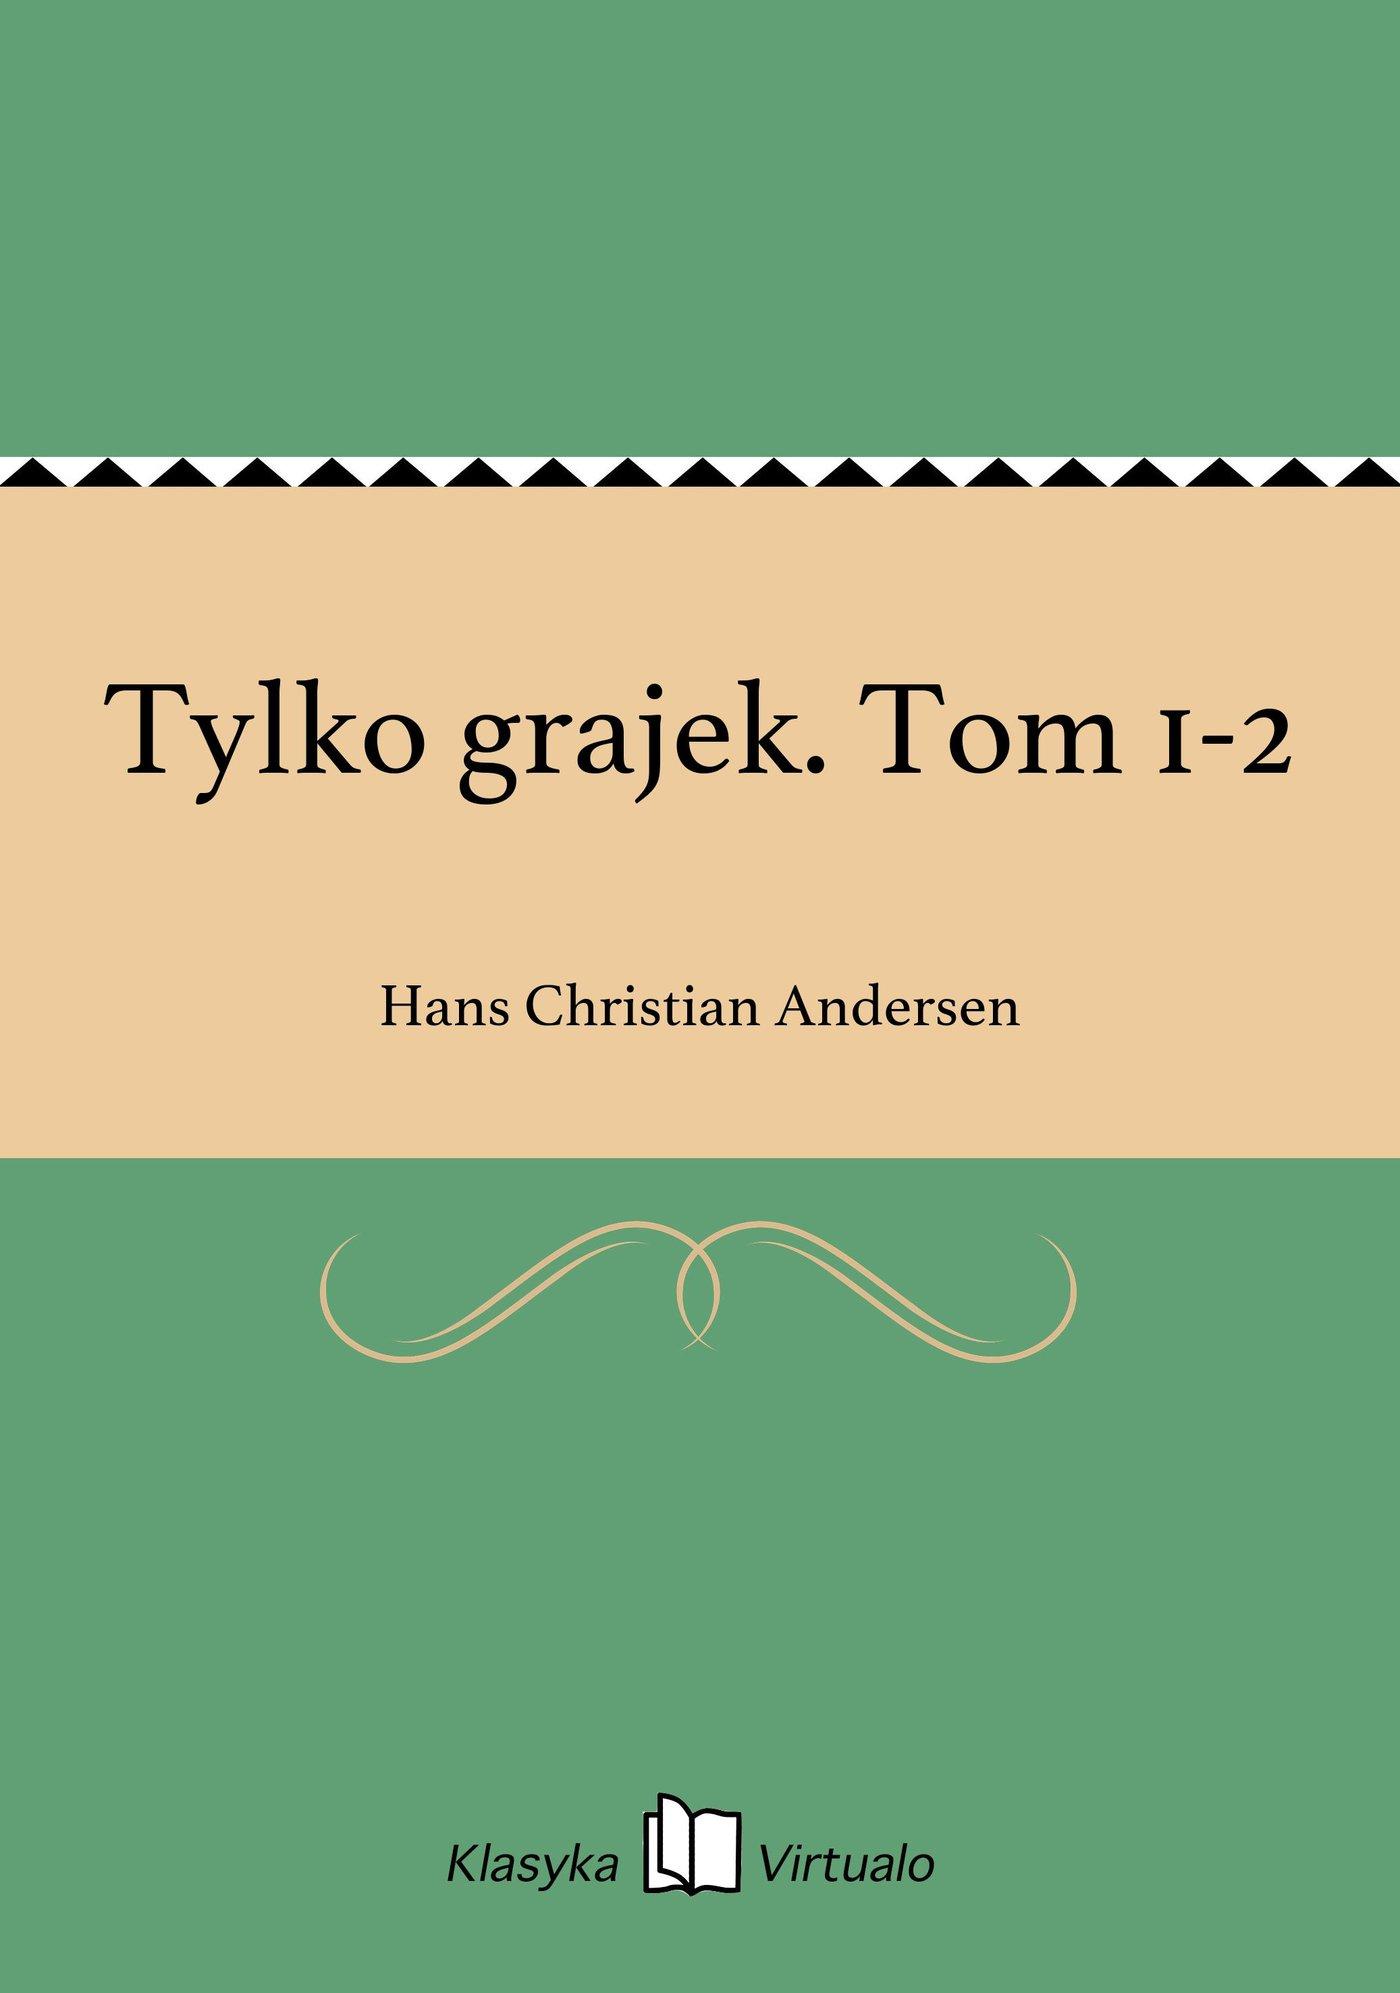 Tylko grajek. Tom 1-2 - Ebook (Książka EPUB) do pobrania w formacie EPUB